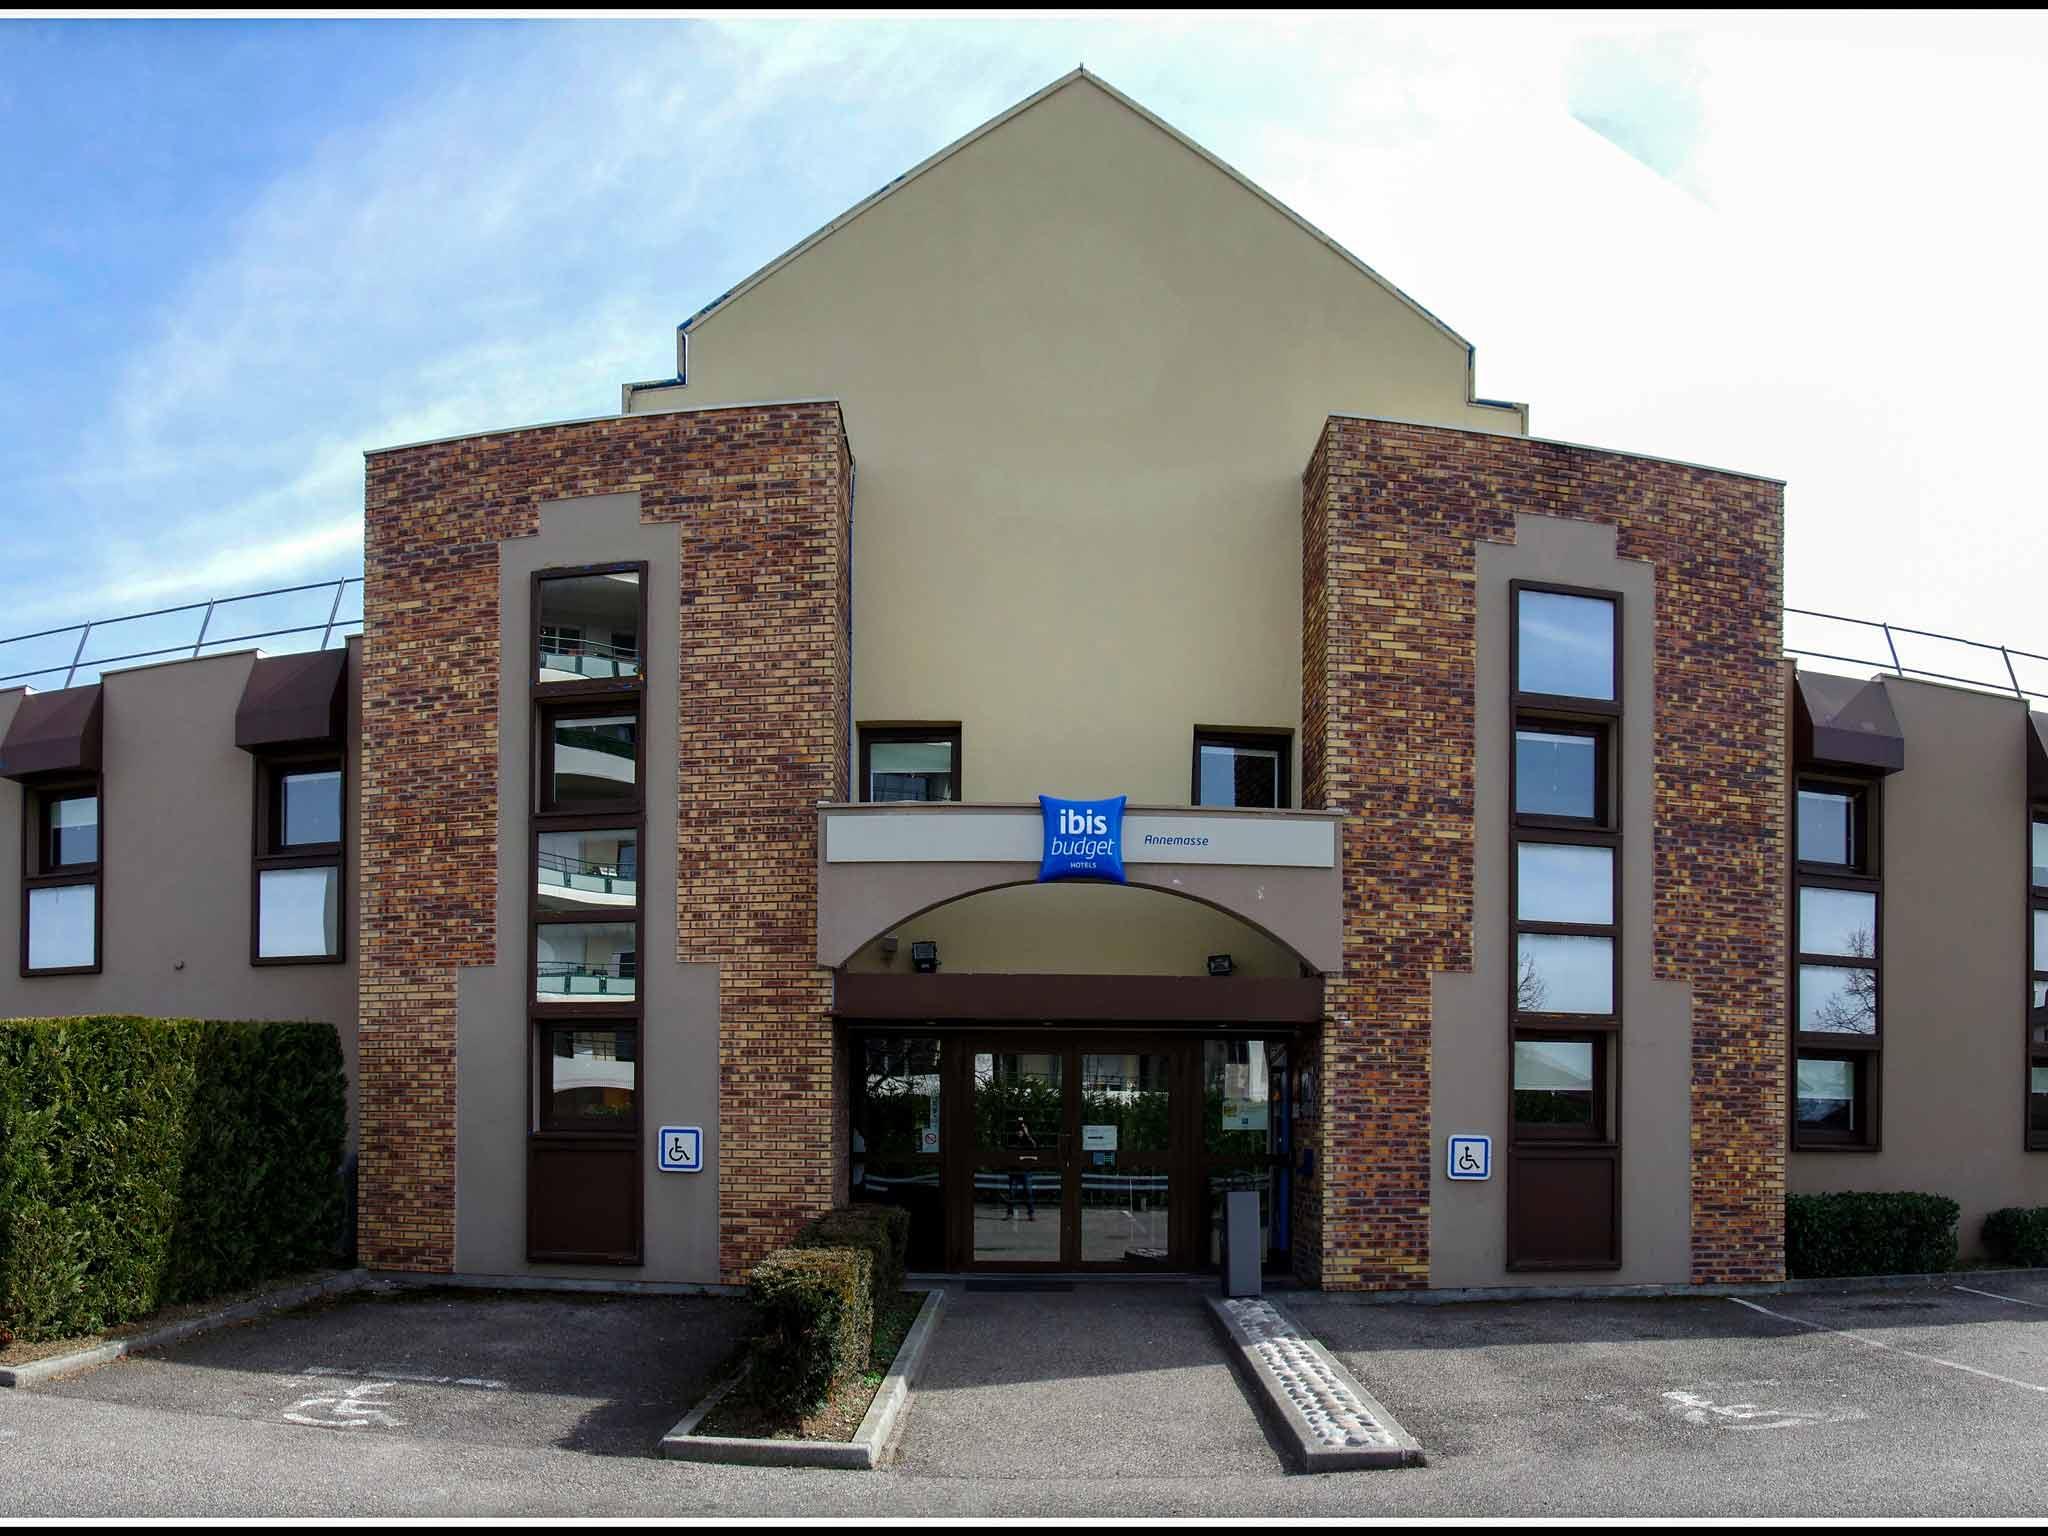 Hotel - ibis budget Annemasse Geneve